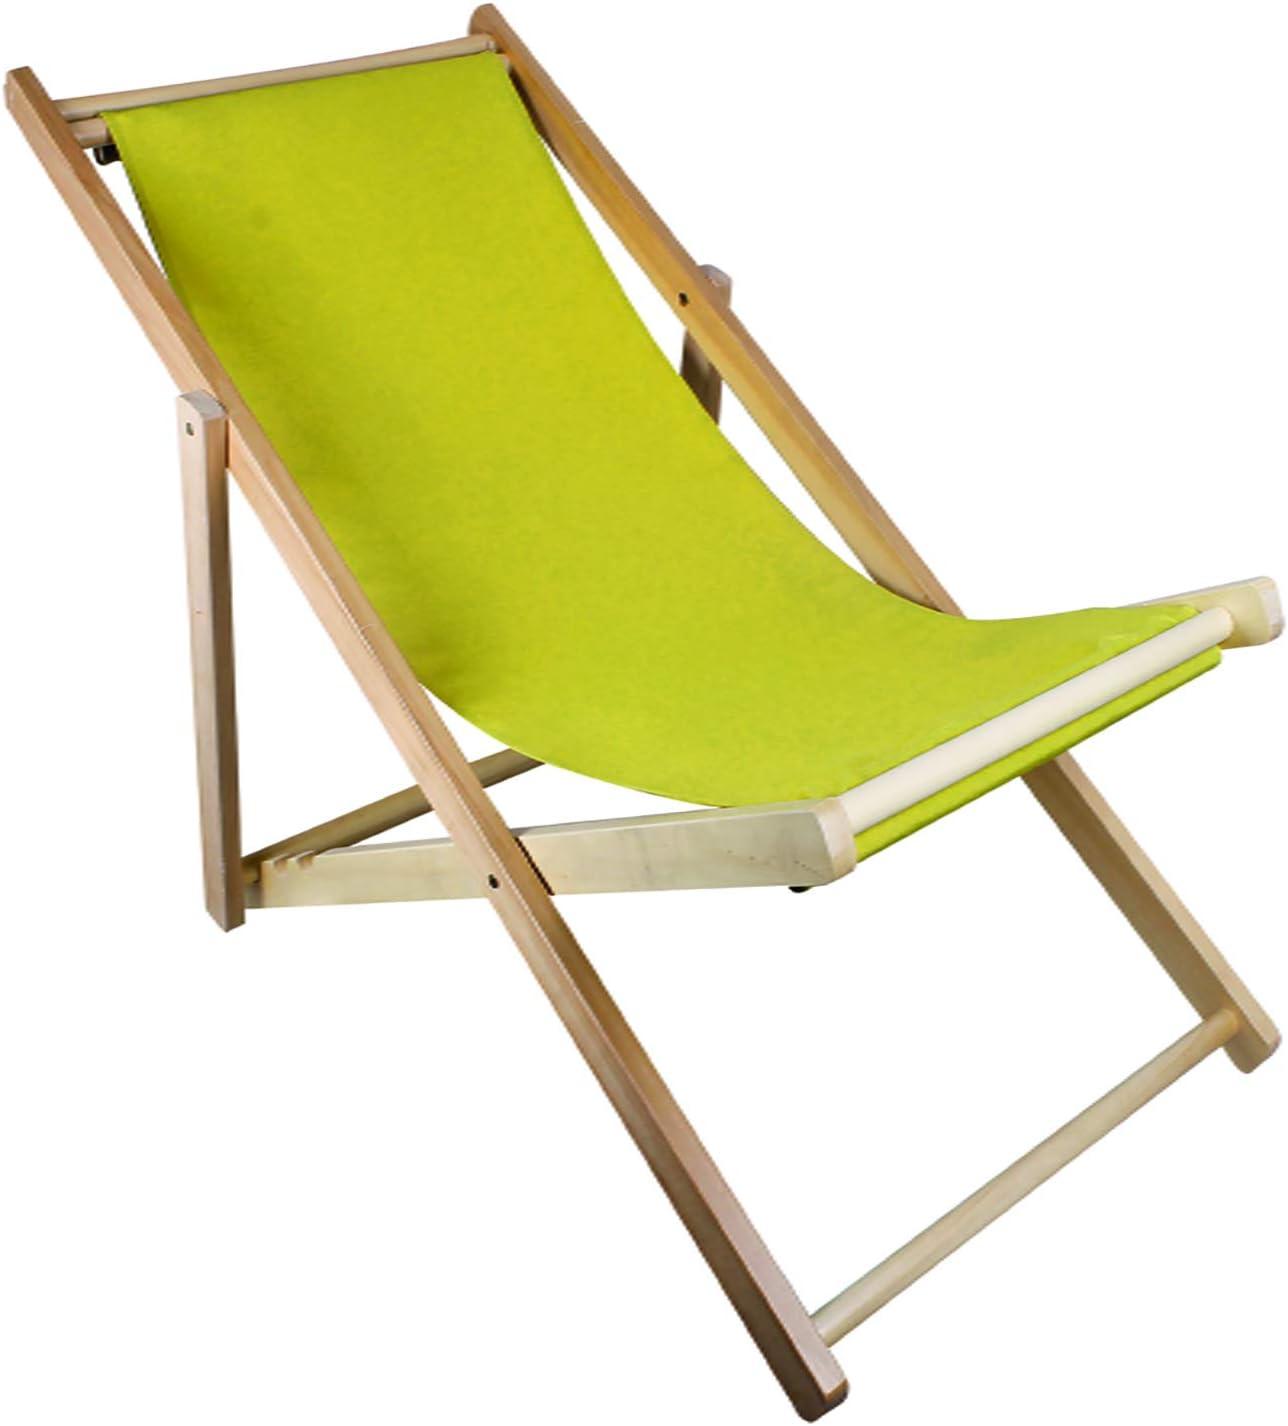 Chaise longue pliante Chaise de plage Balcon Chaise longue pliante Chaise longue pliante en bois Chaise longue Chaise de jardin L 102//110 x B 59 x H 81//62,5cm Orange